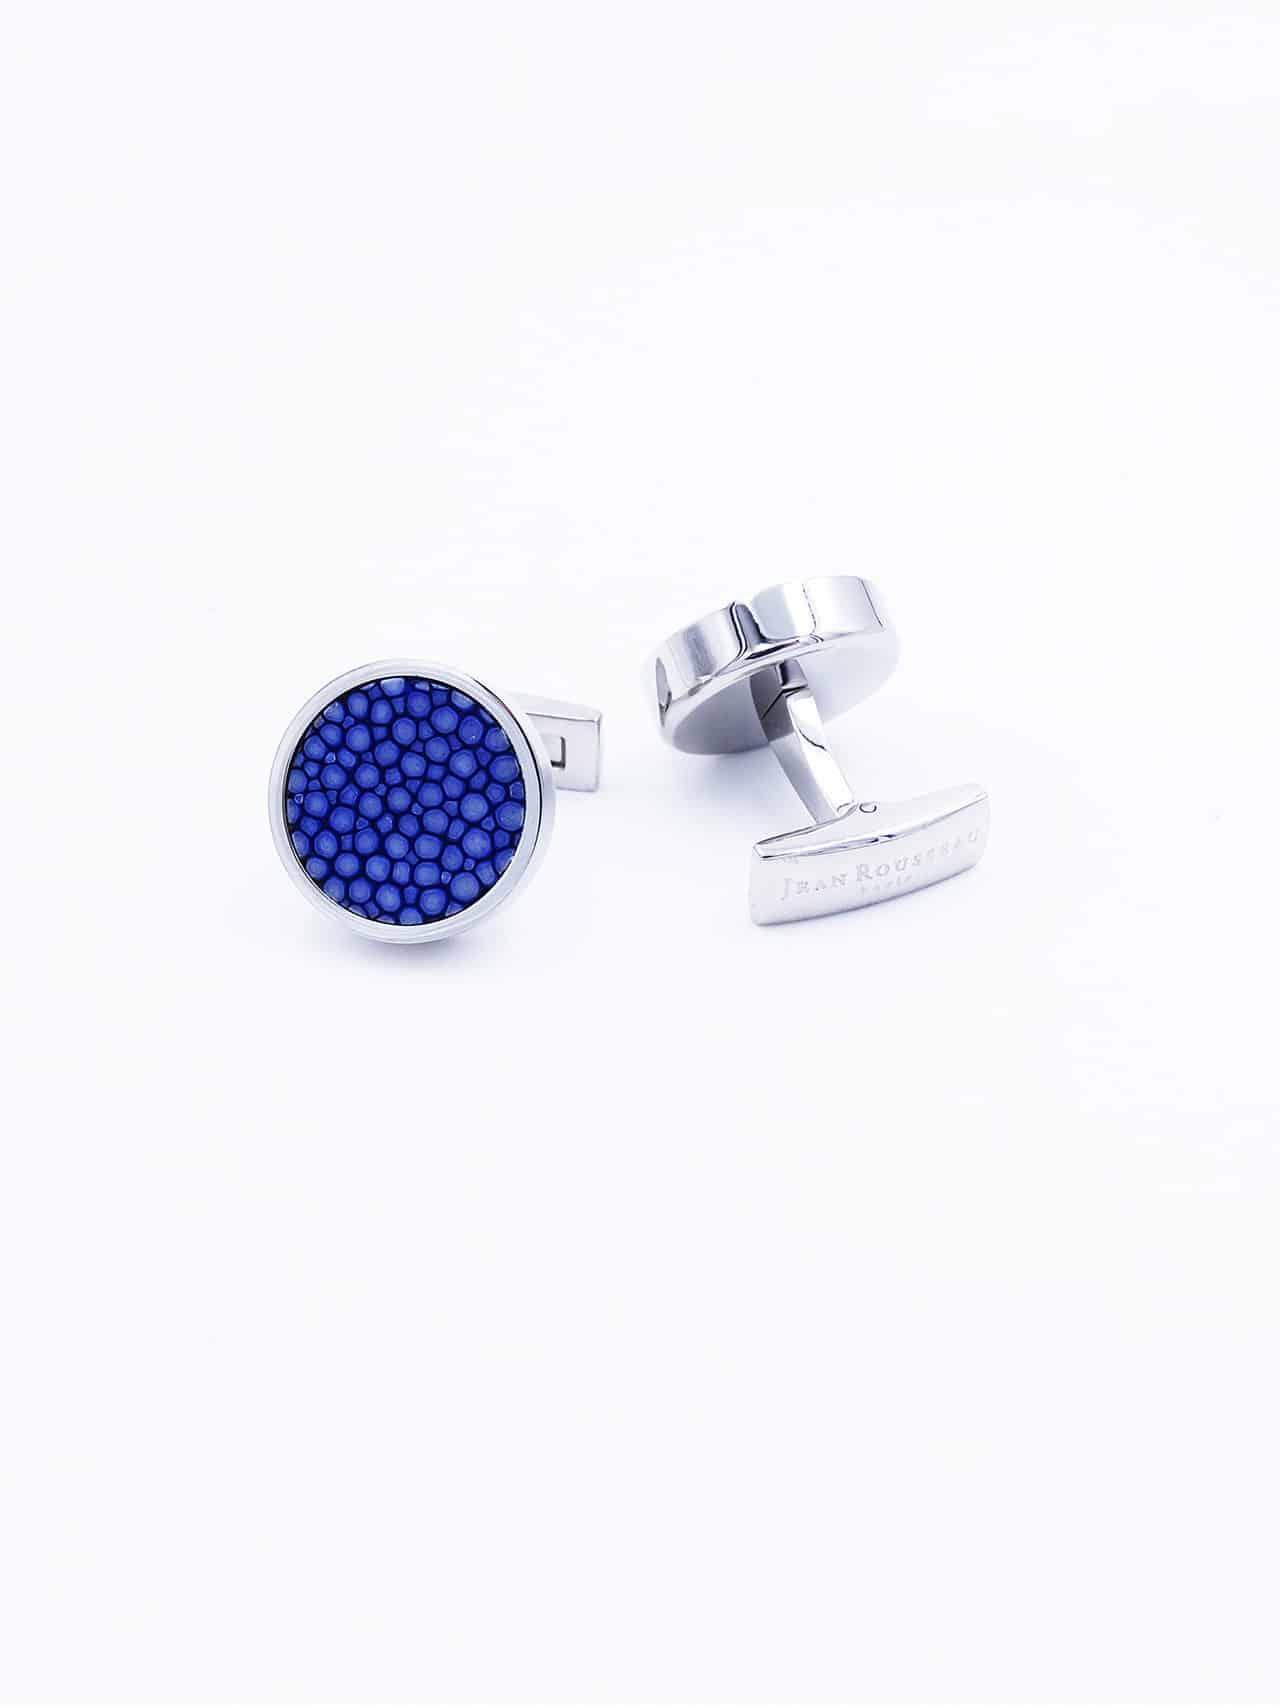 Cuflink blue